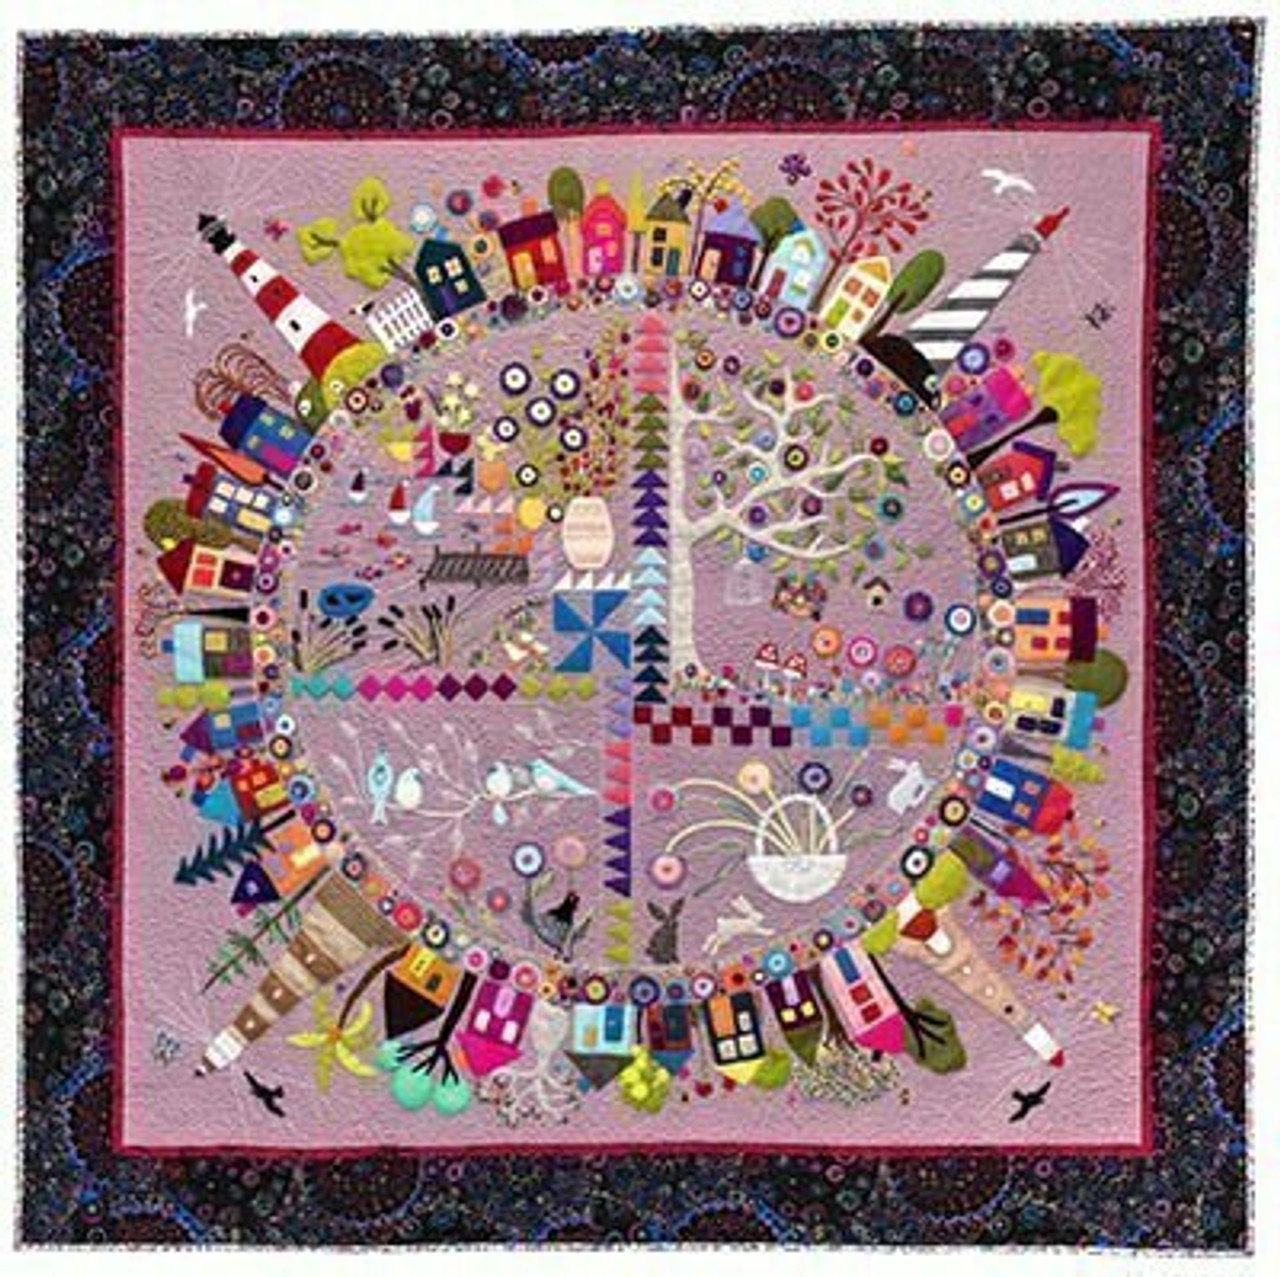 Wendy Williams : Round the Garden - Quilt Pattern